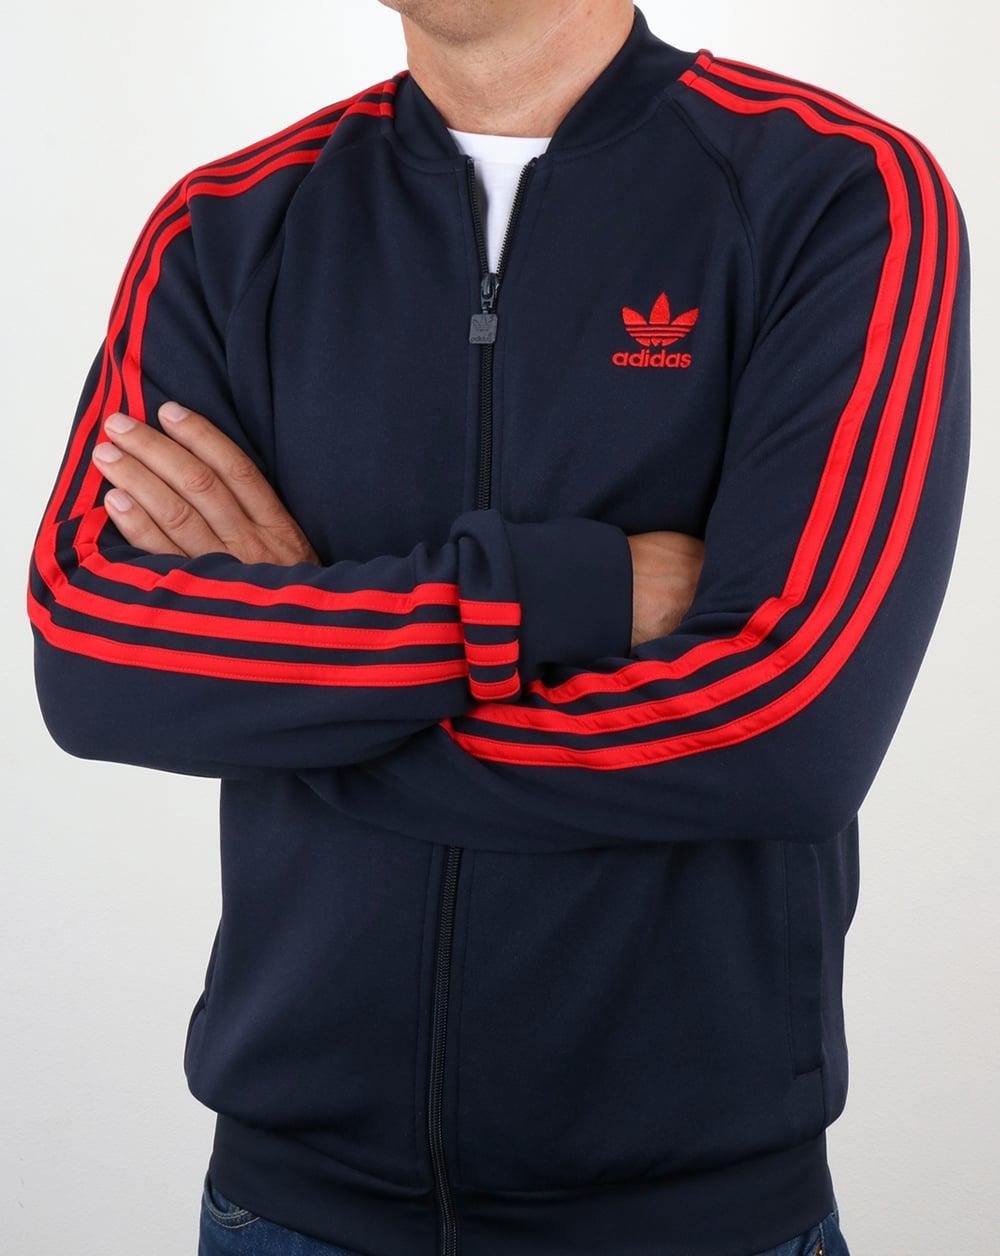 adidas Originals Adidas Originals Superstar Track Top Navy Red e3a06a9c9e89